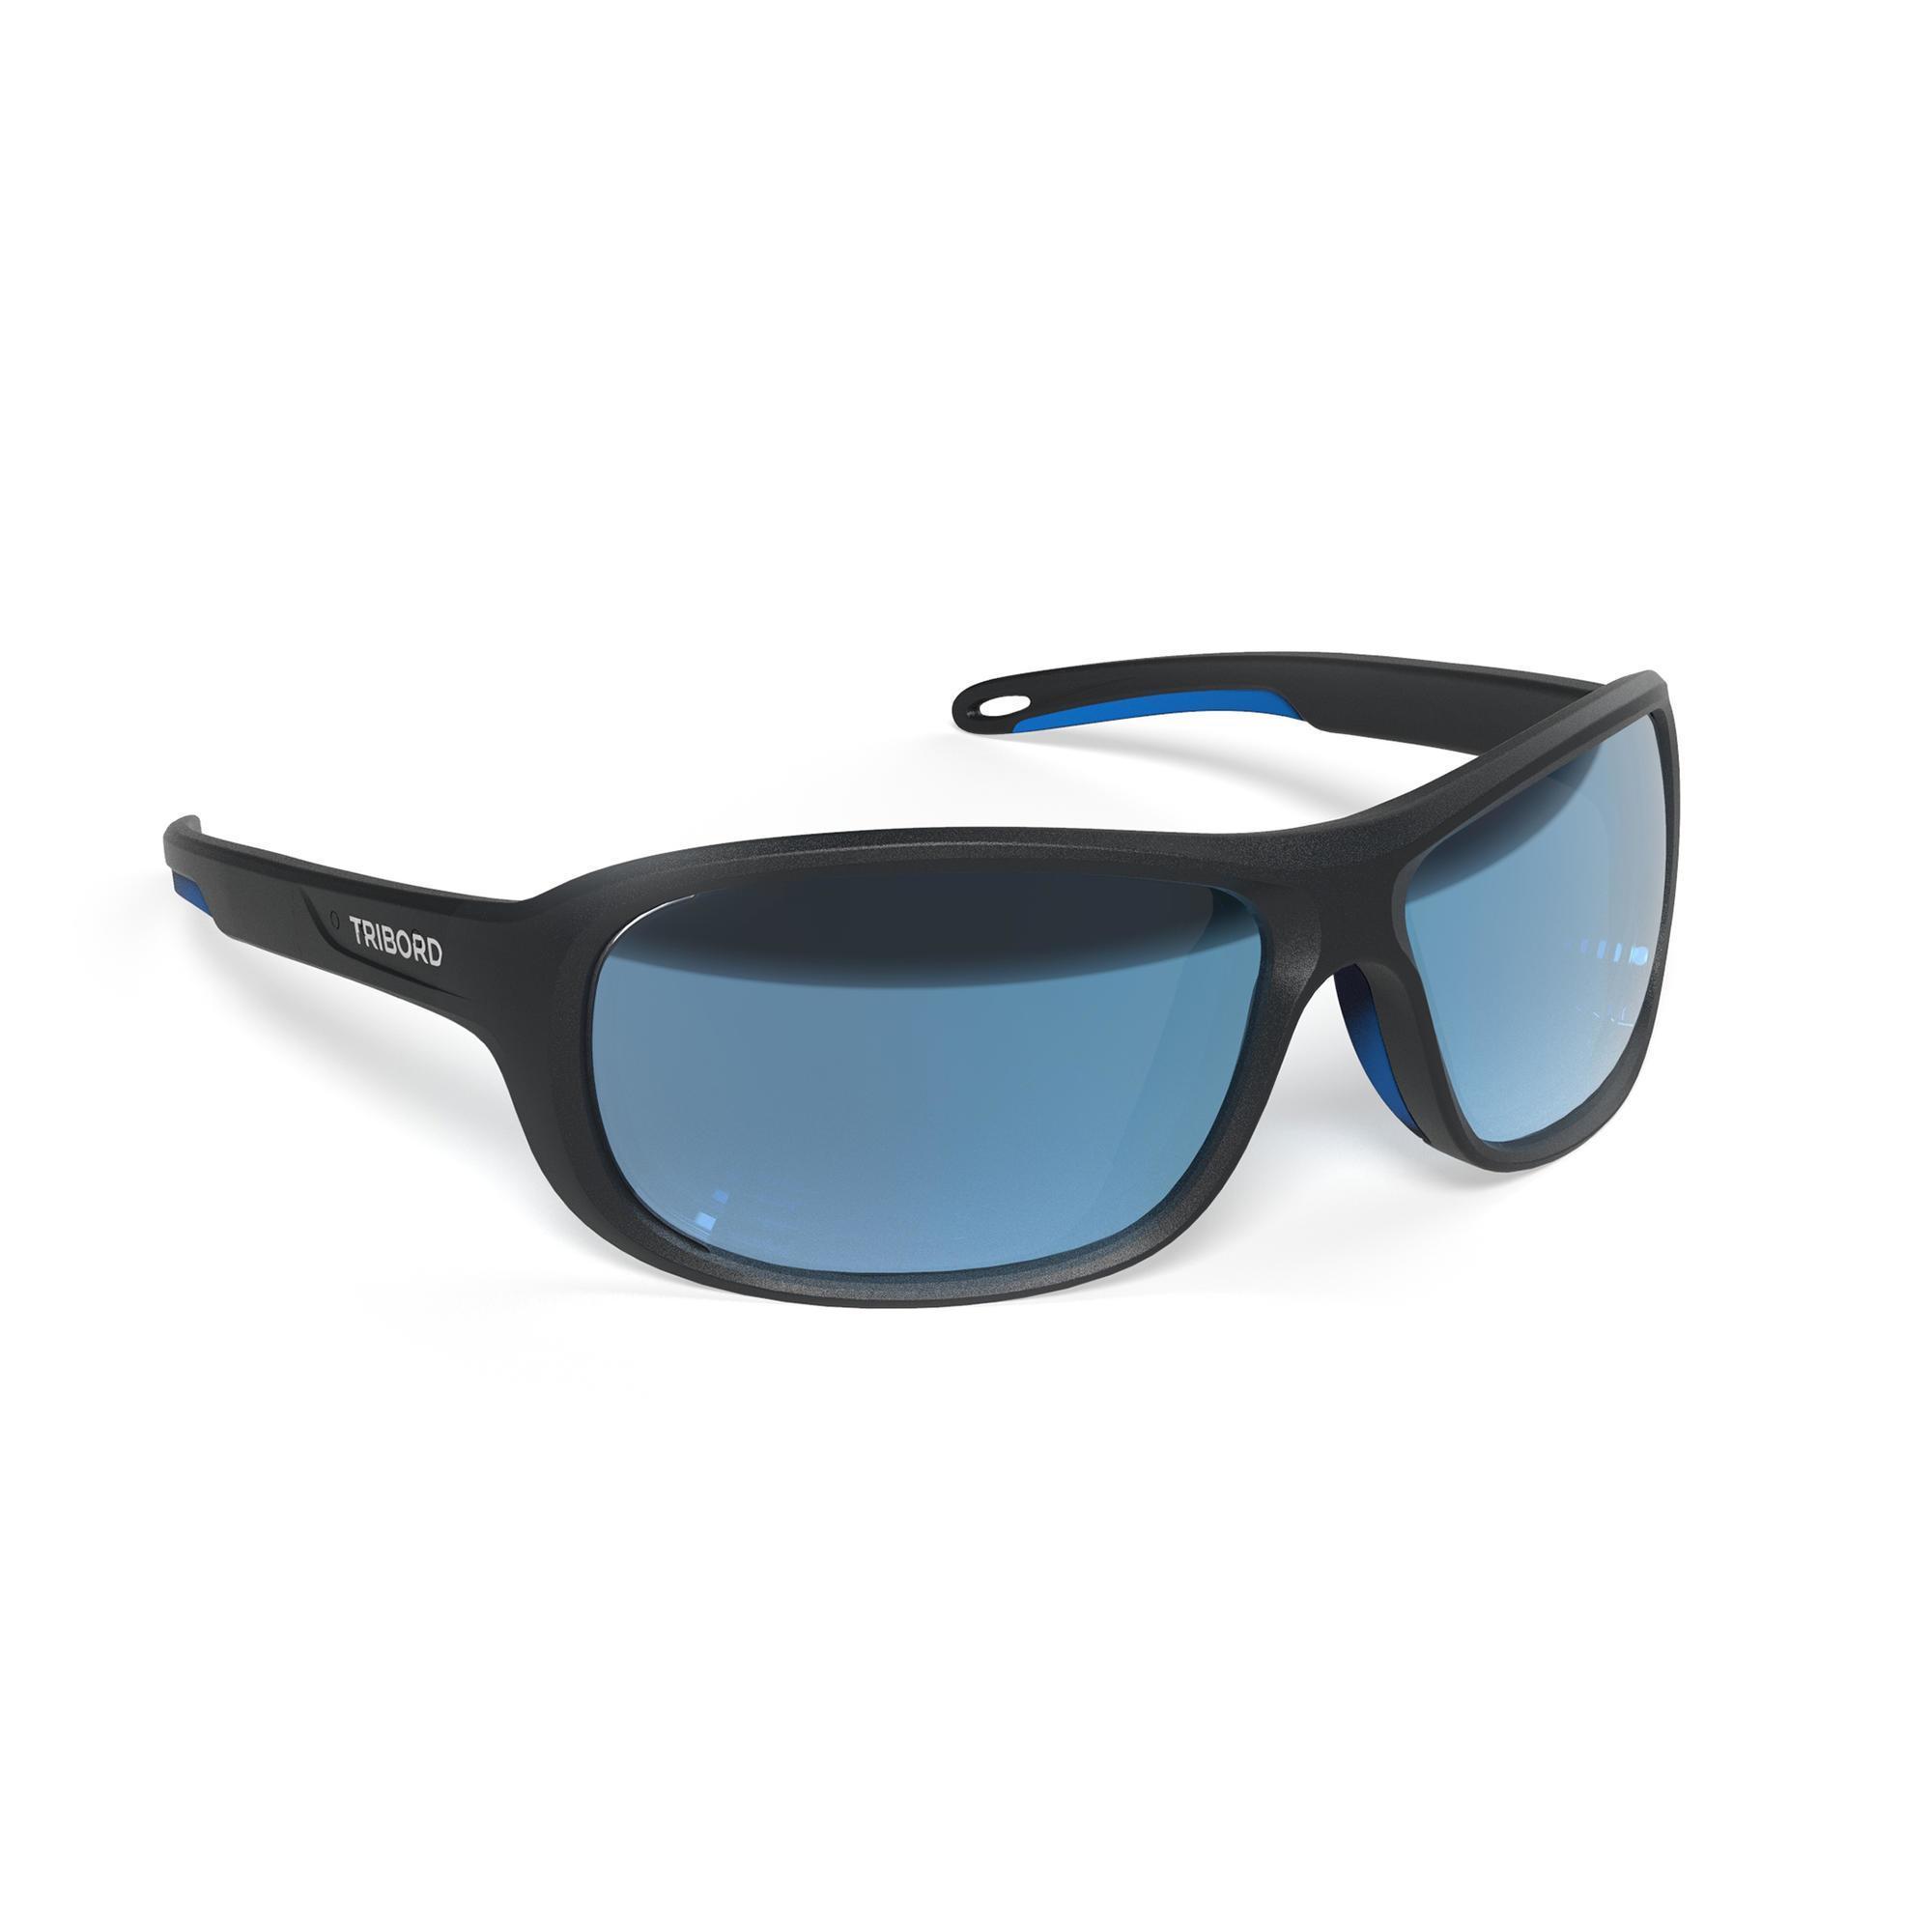 offrir des rabais Nouvelles Arrivées grandes variétés Lunettes de soleil polarisantes adulte race 100 bleu catégorie 3